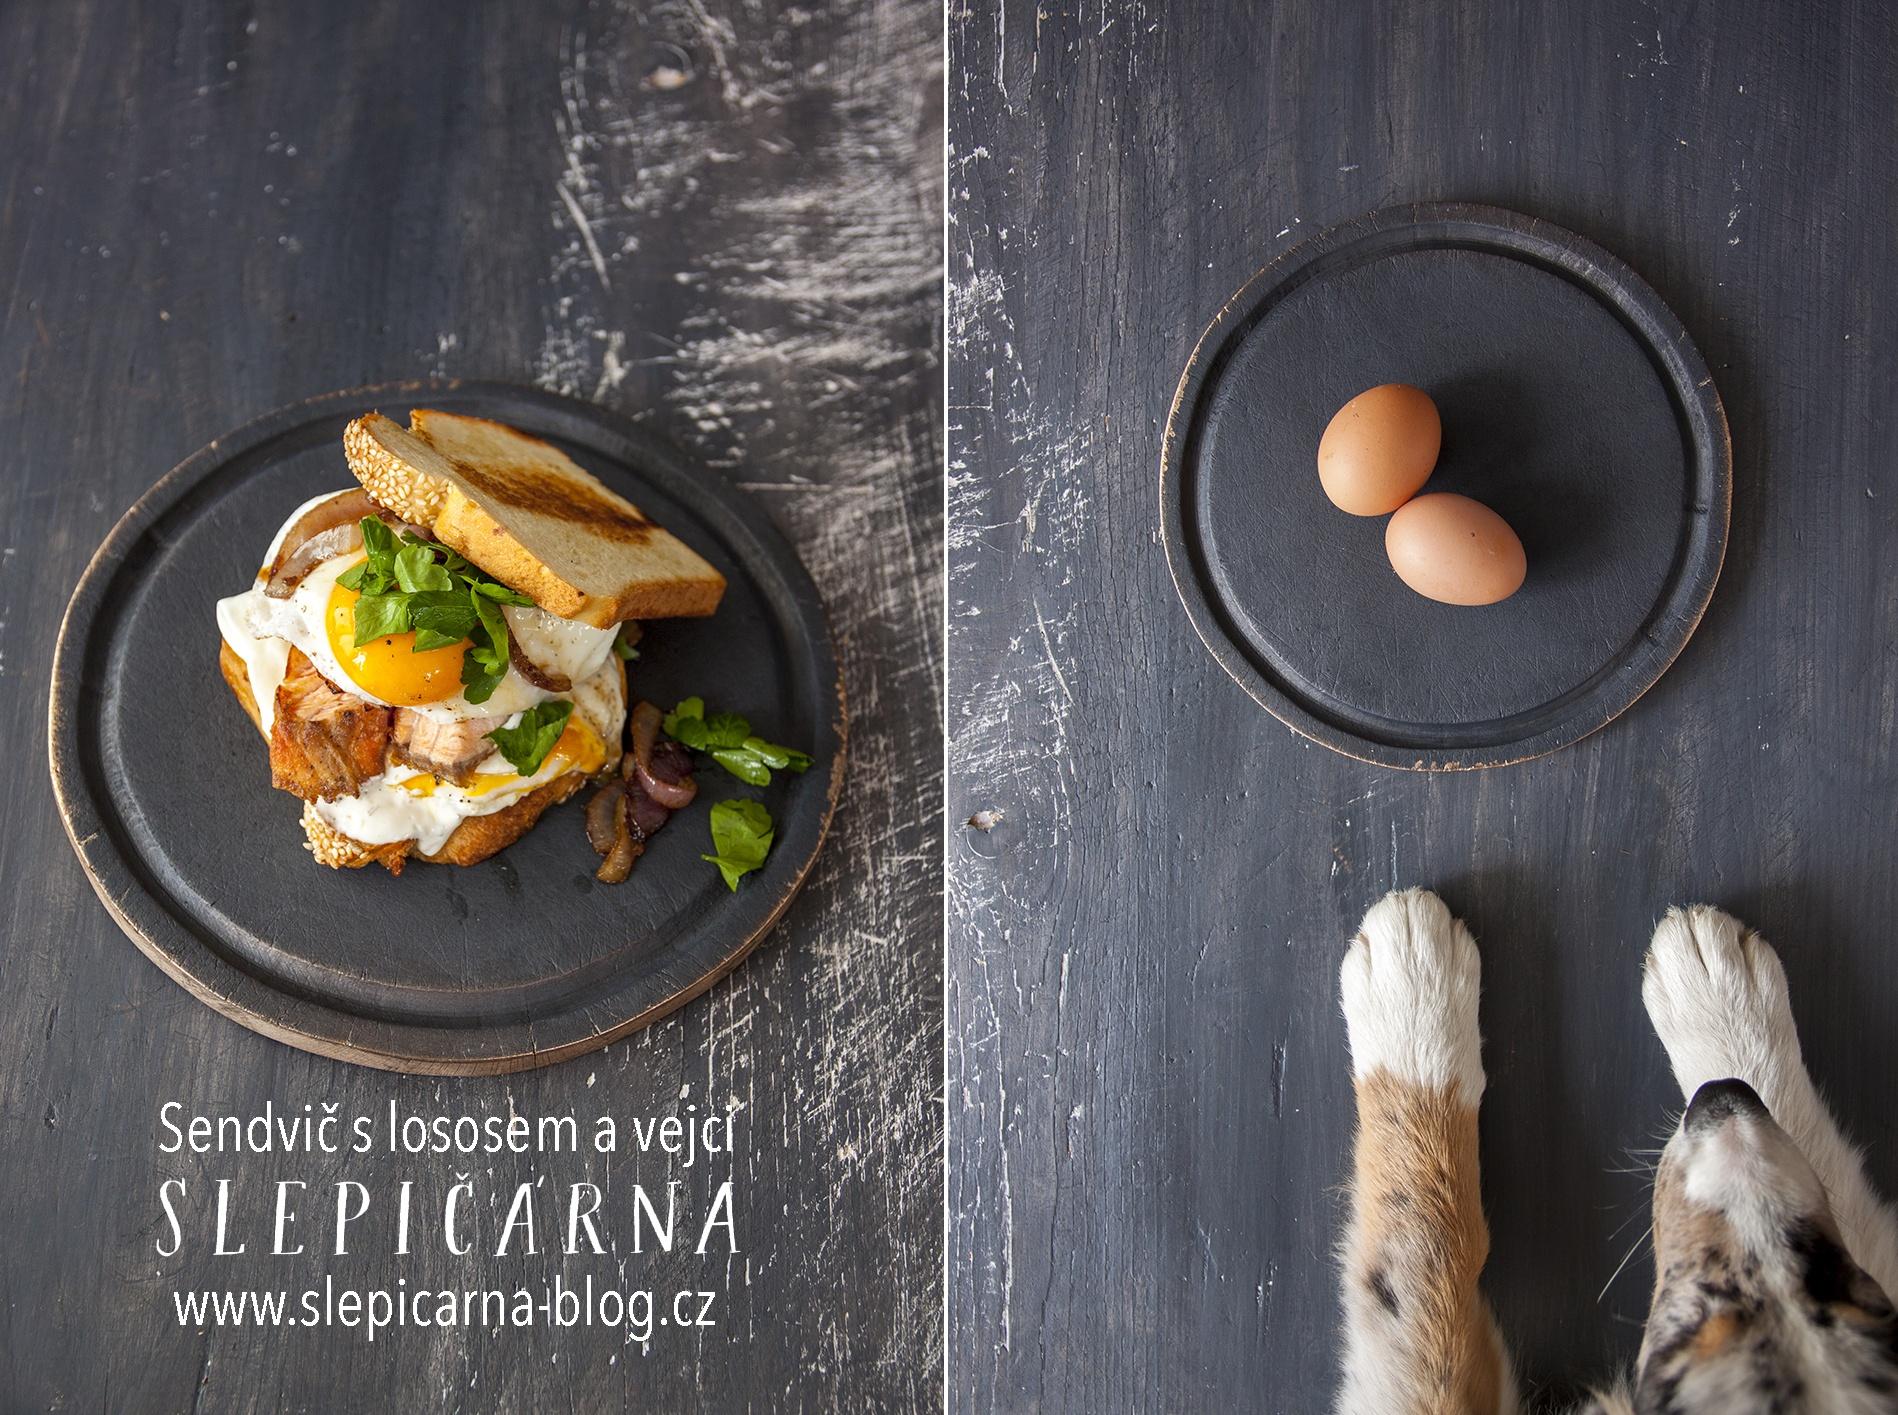 Snídaňový sendvič s lososem a volským okem